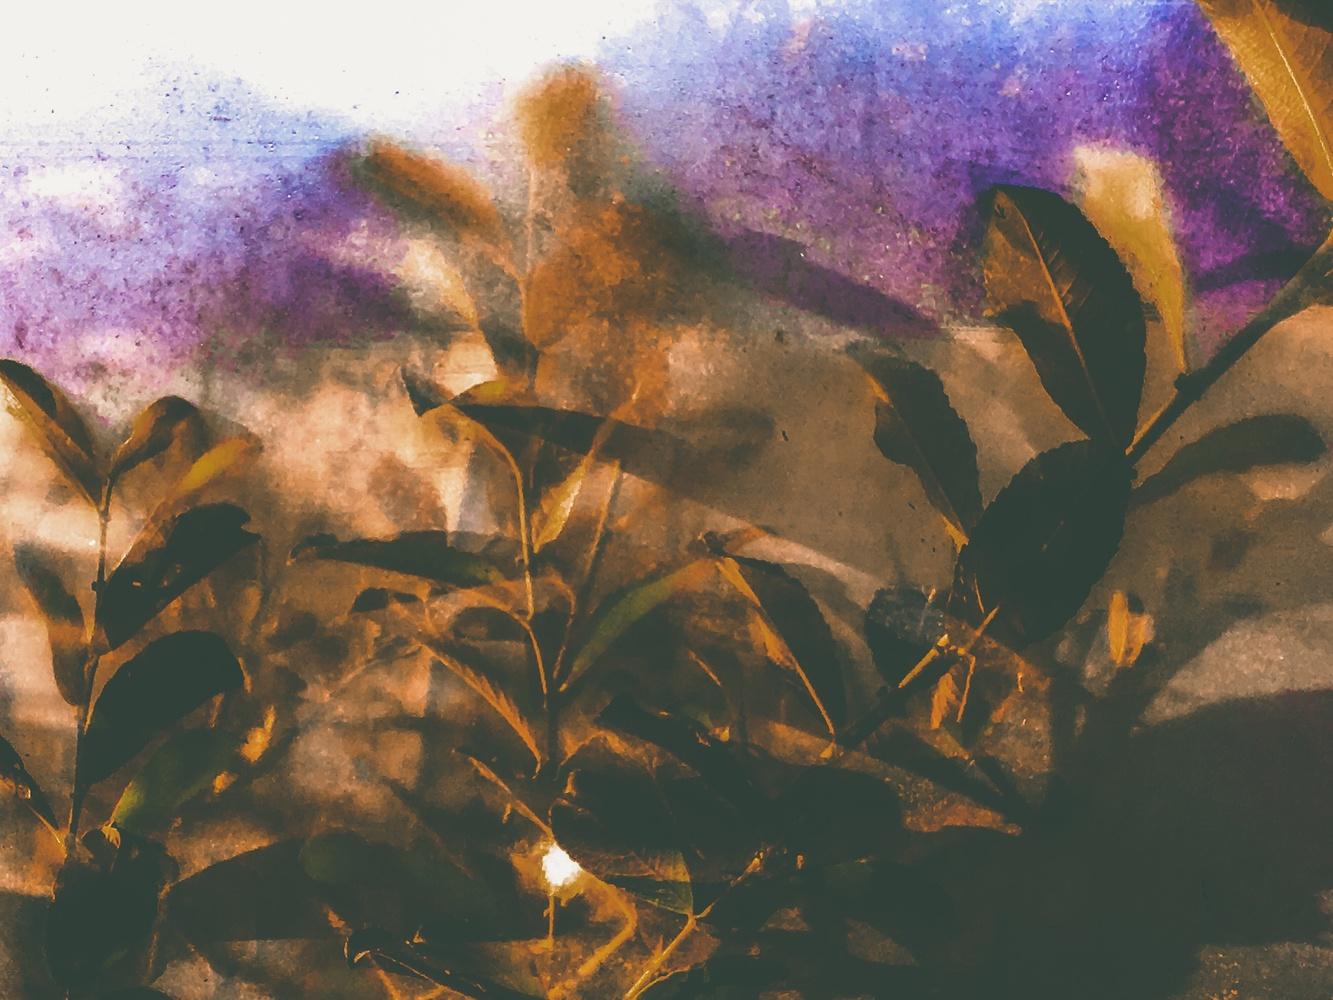 Hazy leaves by Jo Martin